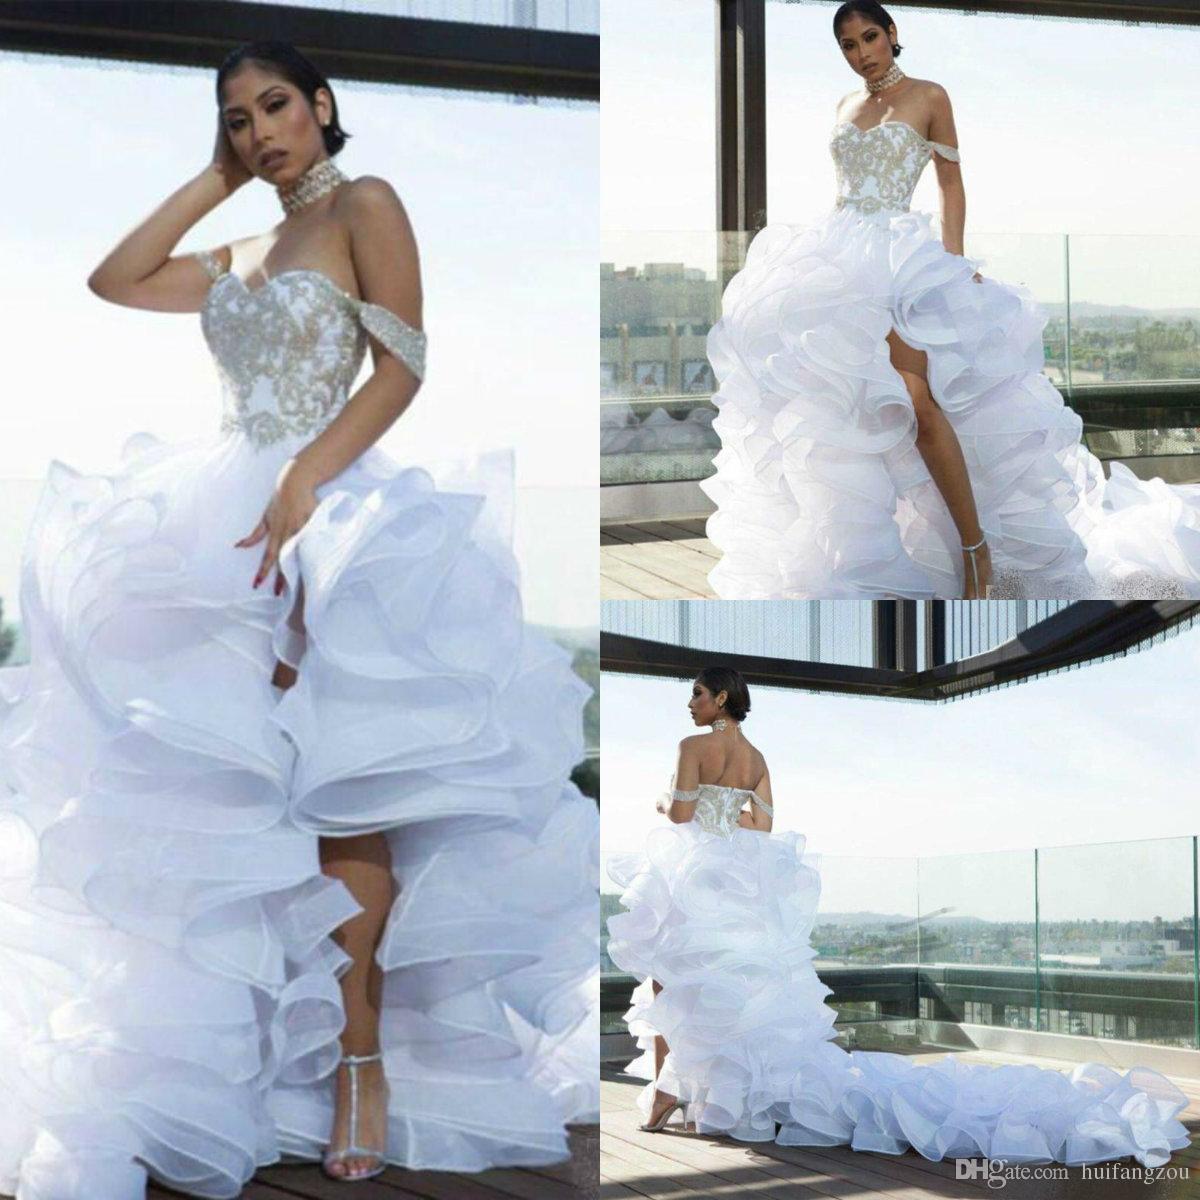 Vestidos de novia atractivos del muslo de las aberturas altas 2019 fuera del hombro rebordeado con volantes en niveles Organza vestido de boda de playa vestidos de novia por encargo baratos